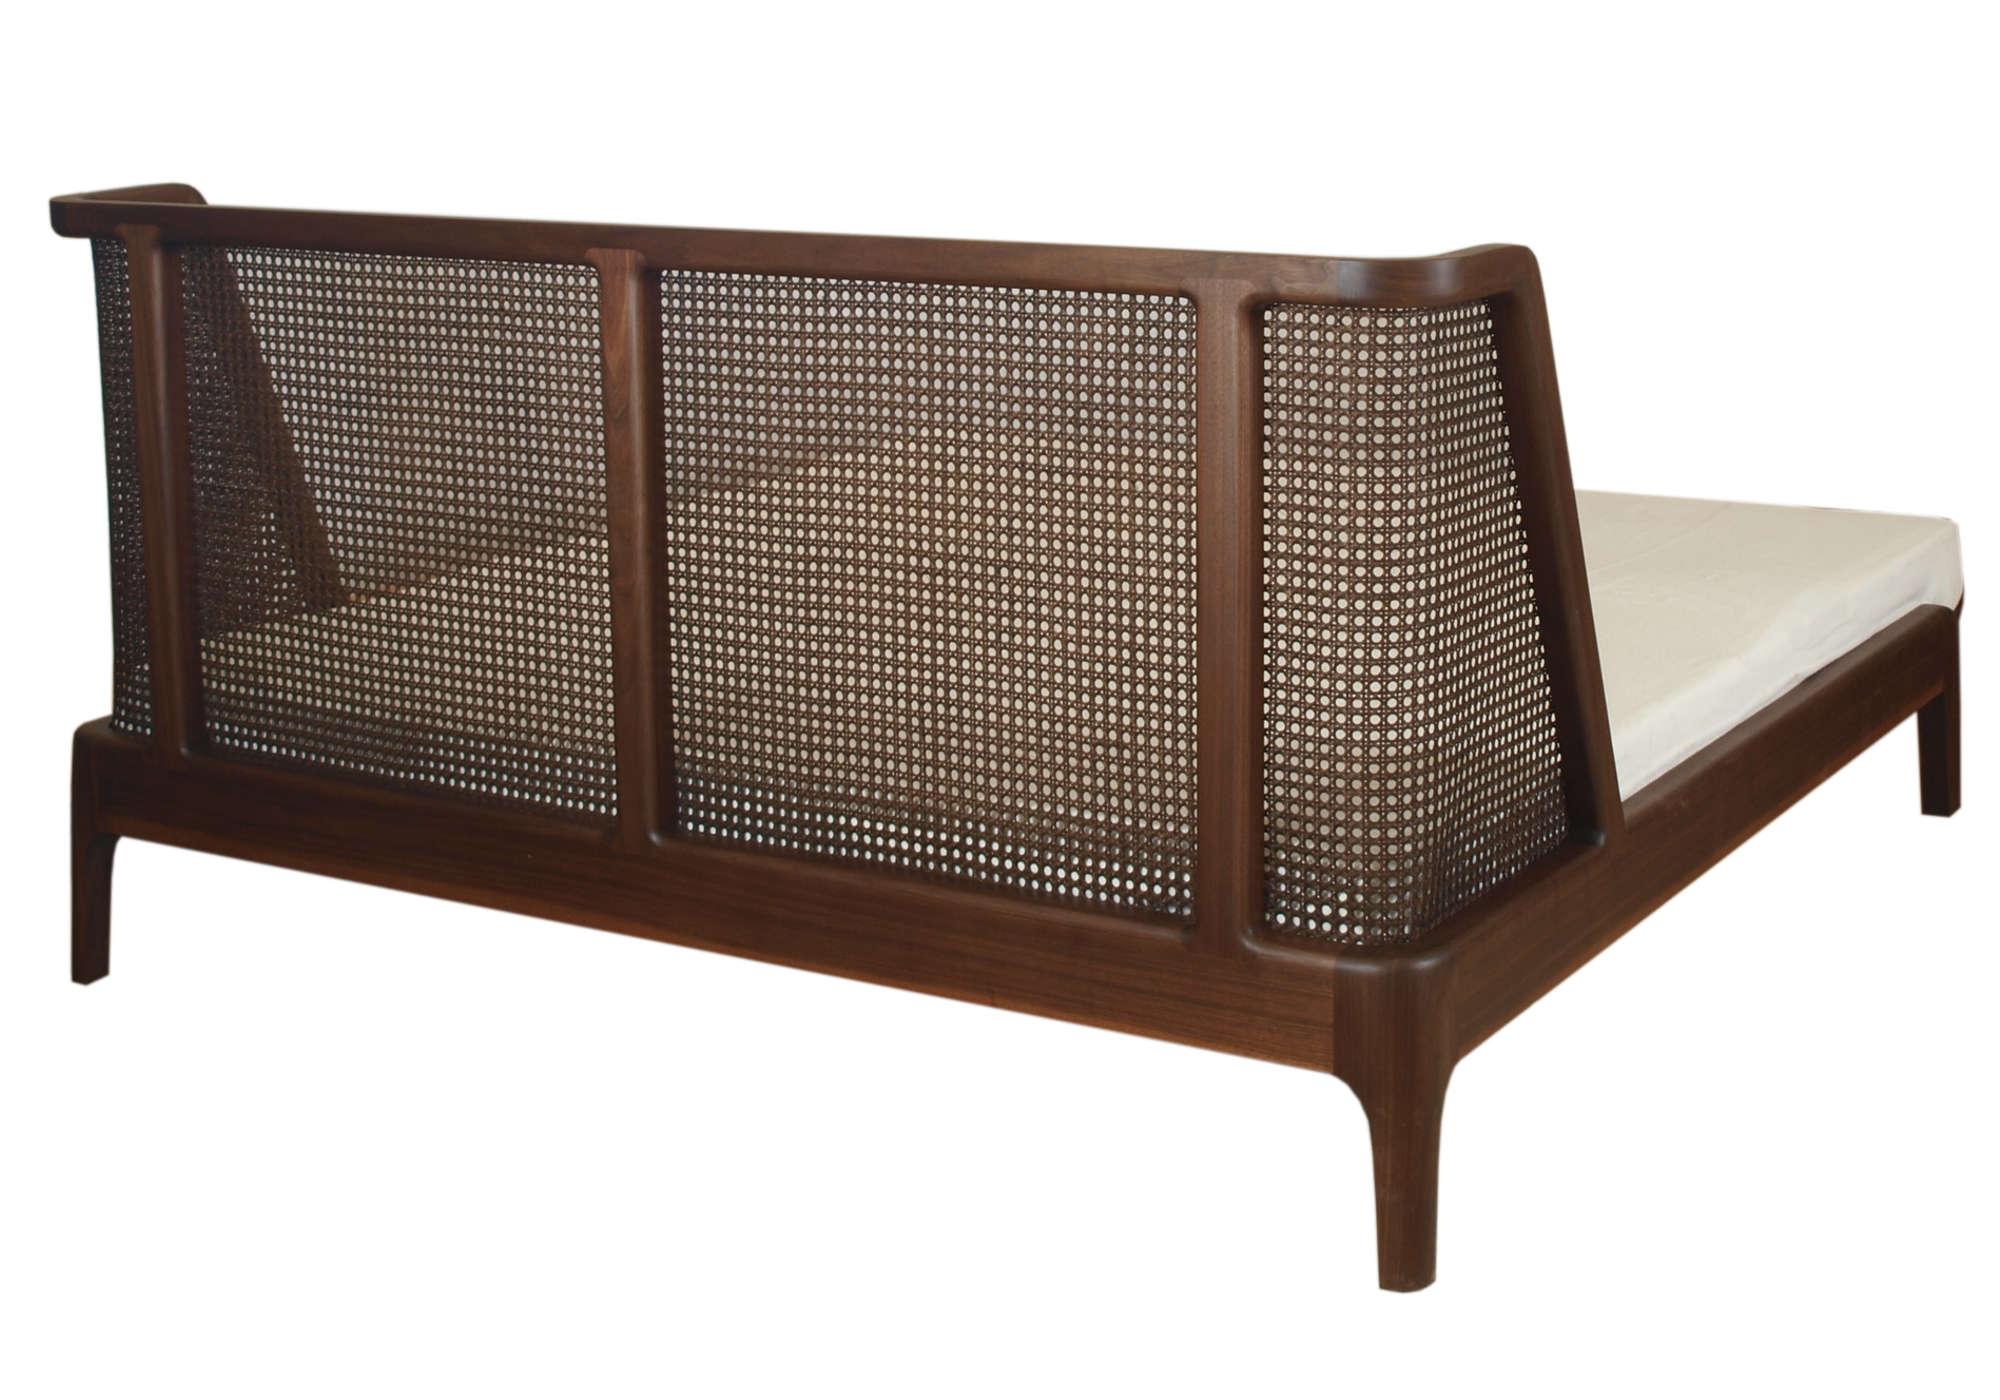 Bett aus Nussholz mit einem Kopfteil aus Wiener Geflecht